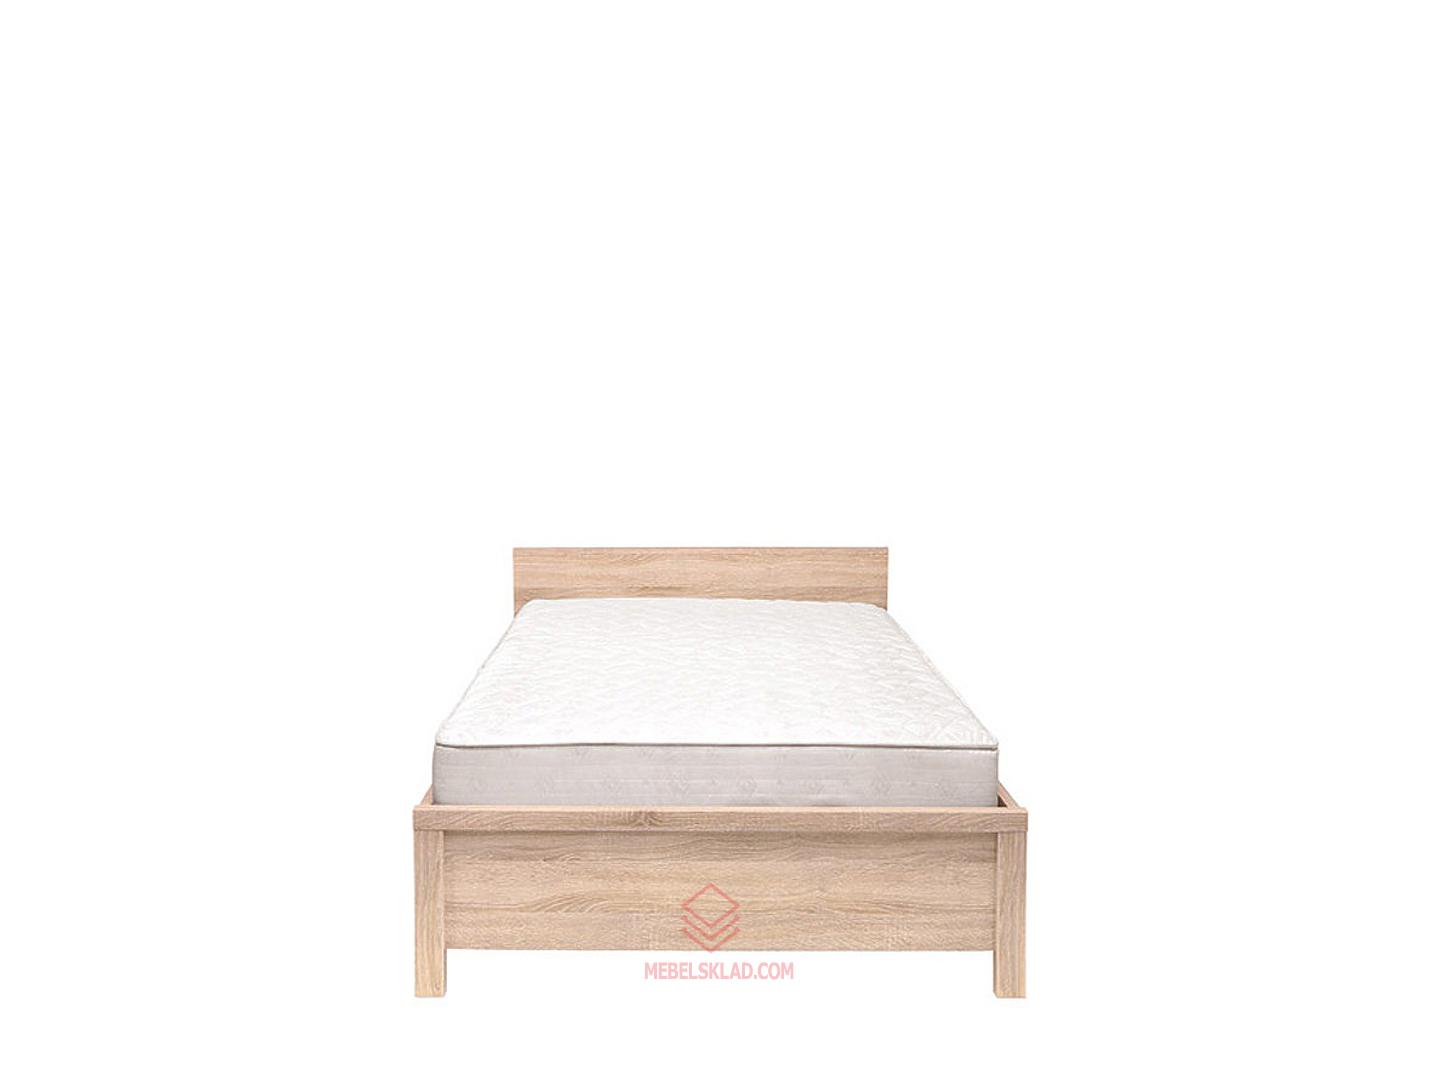 Кровать КАСПИАН LOZ90x200 дуб сонома - гибкое основание за 12564 ₽